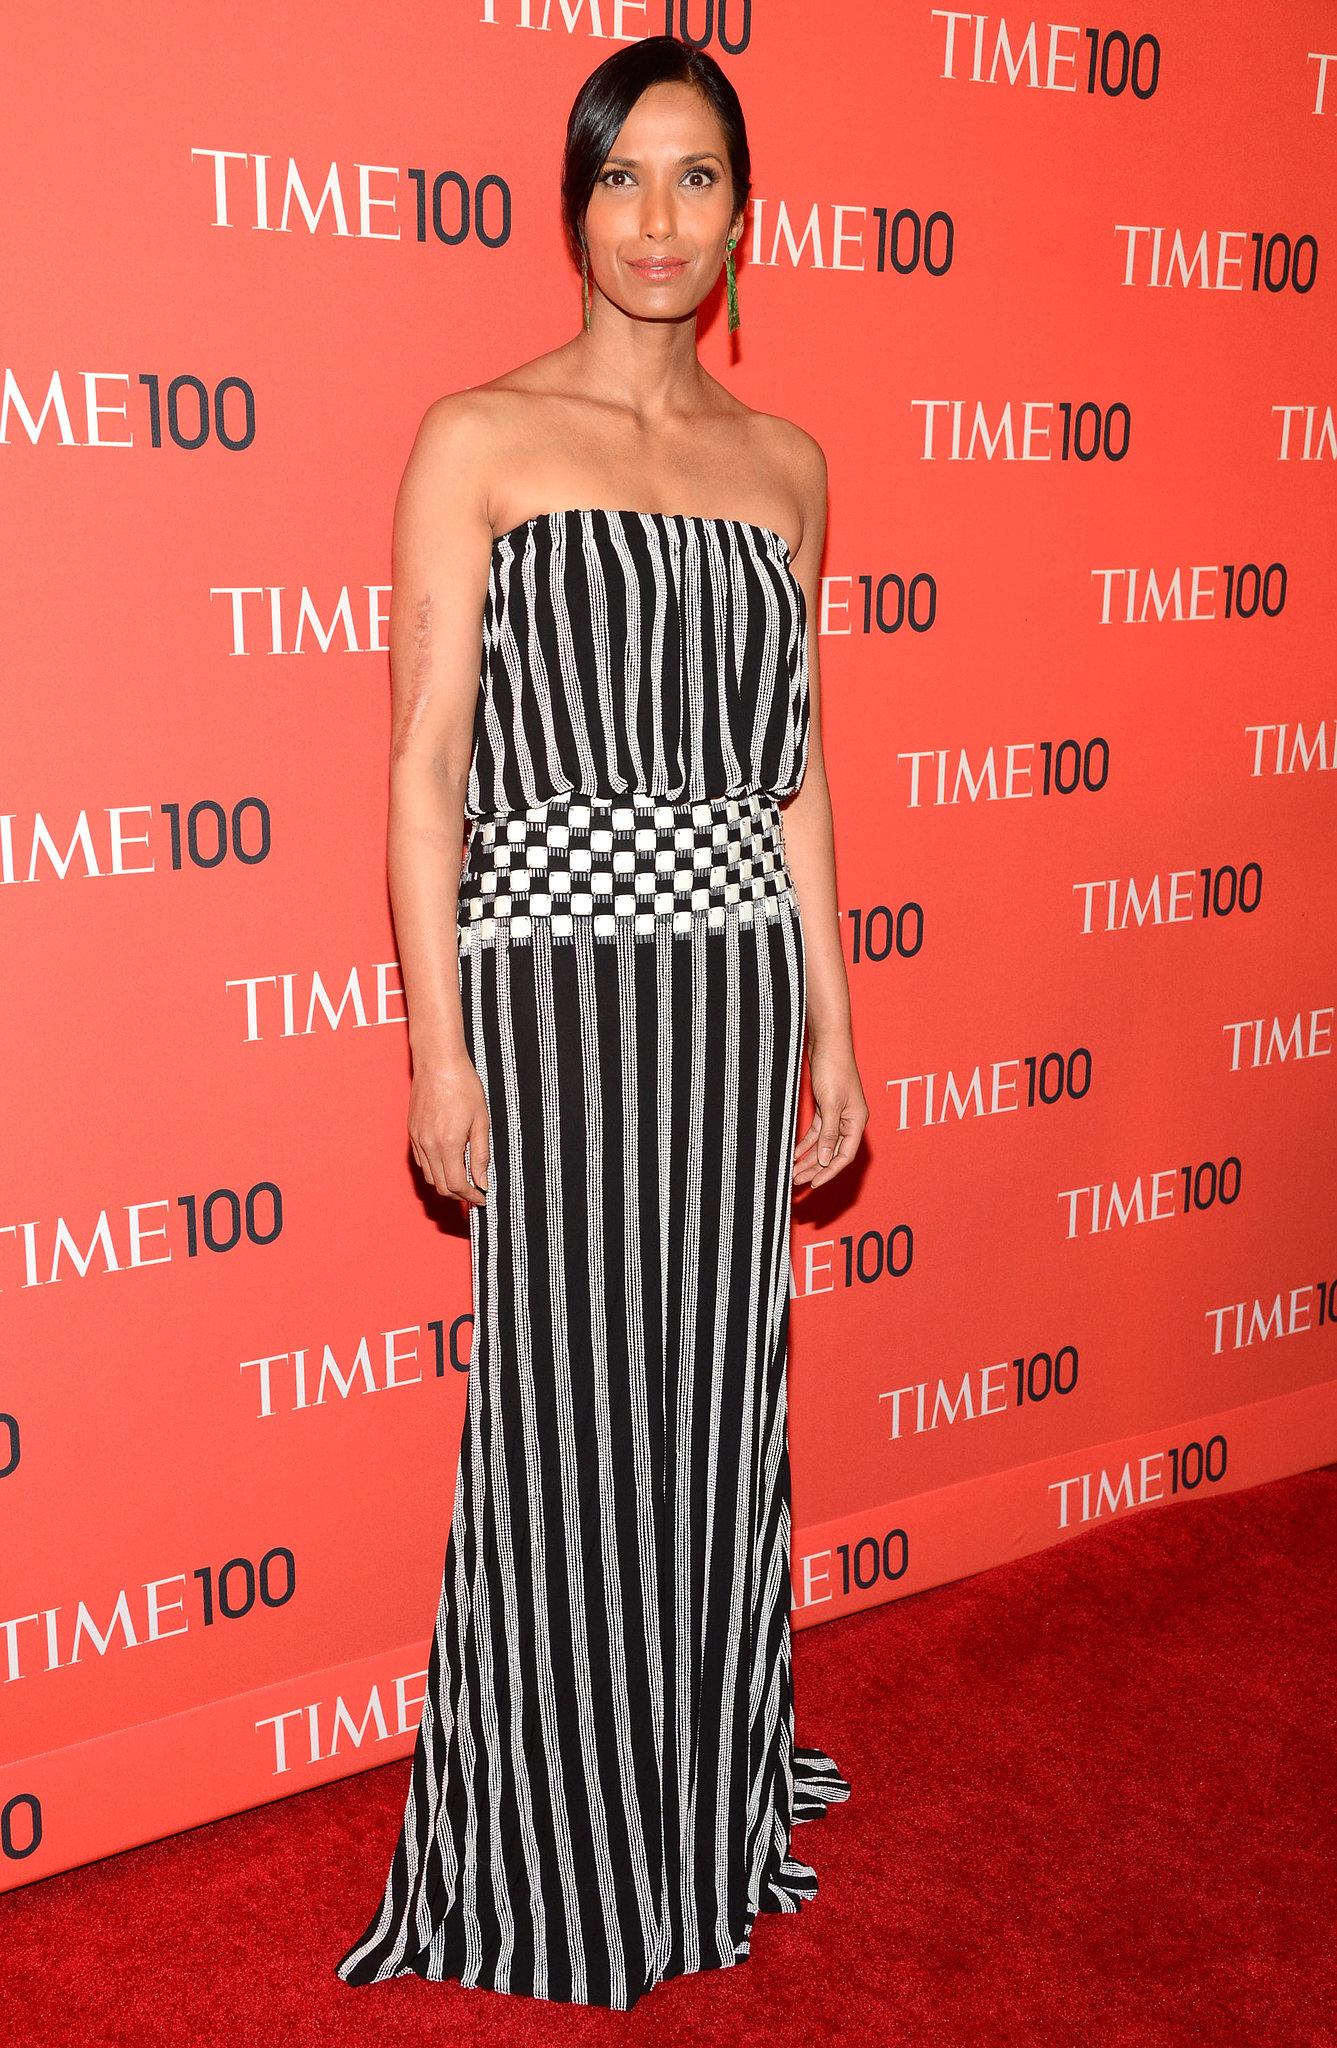 Padma Lakshmi at the Time 100 Gala in New York.